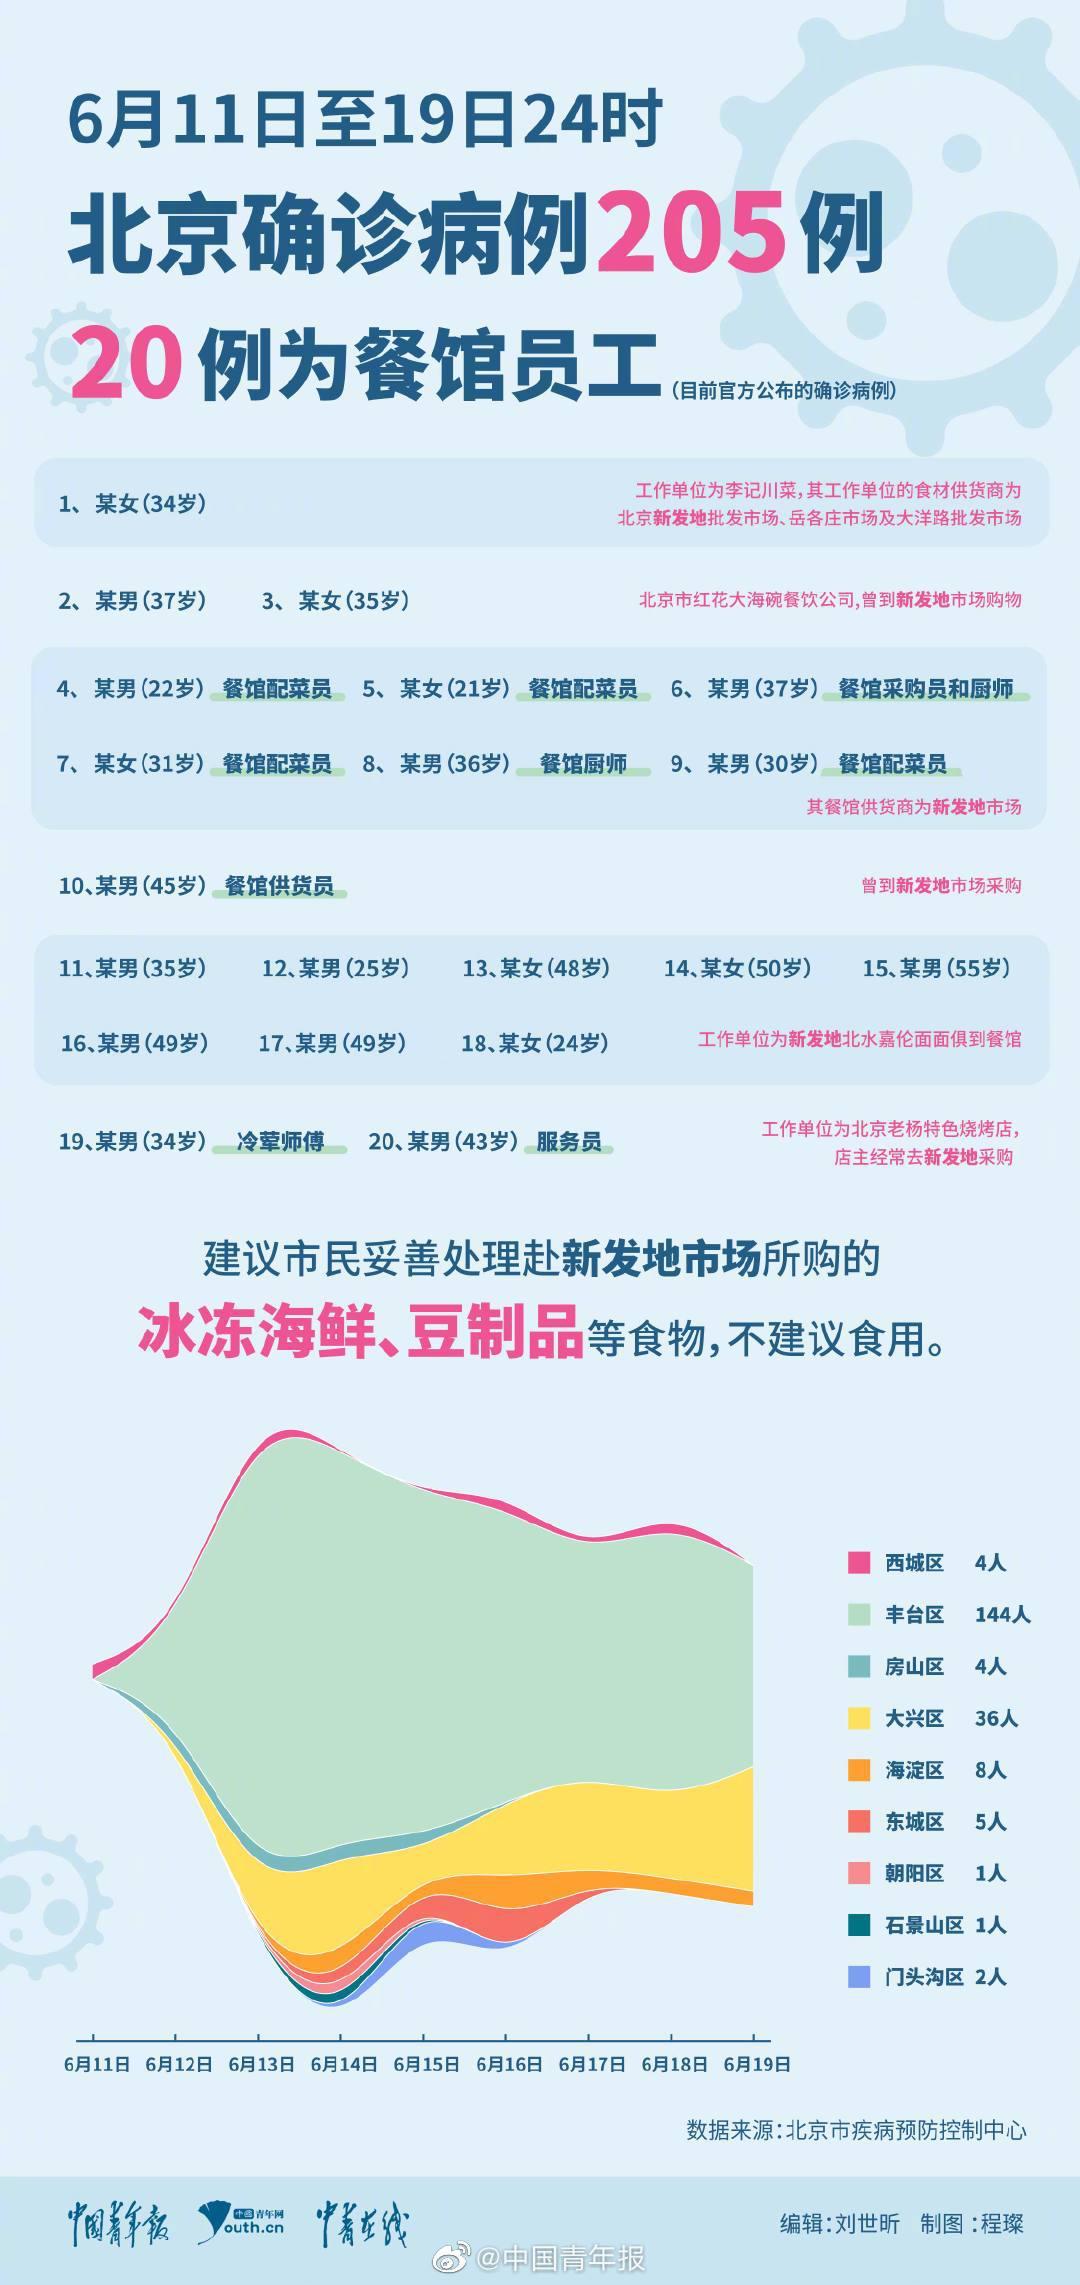 【天富官网】内新增确诊病例205例天富官网多图片